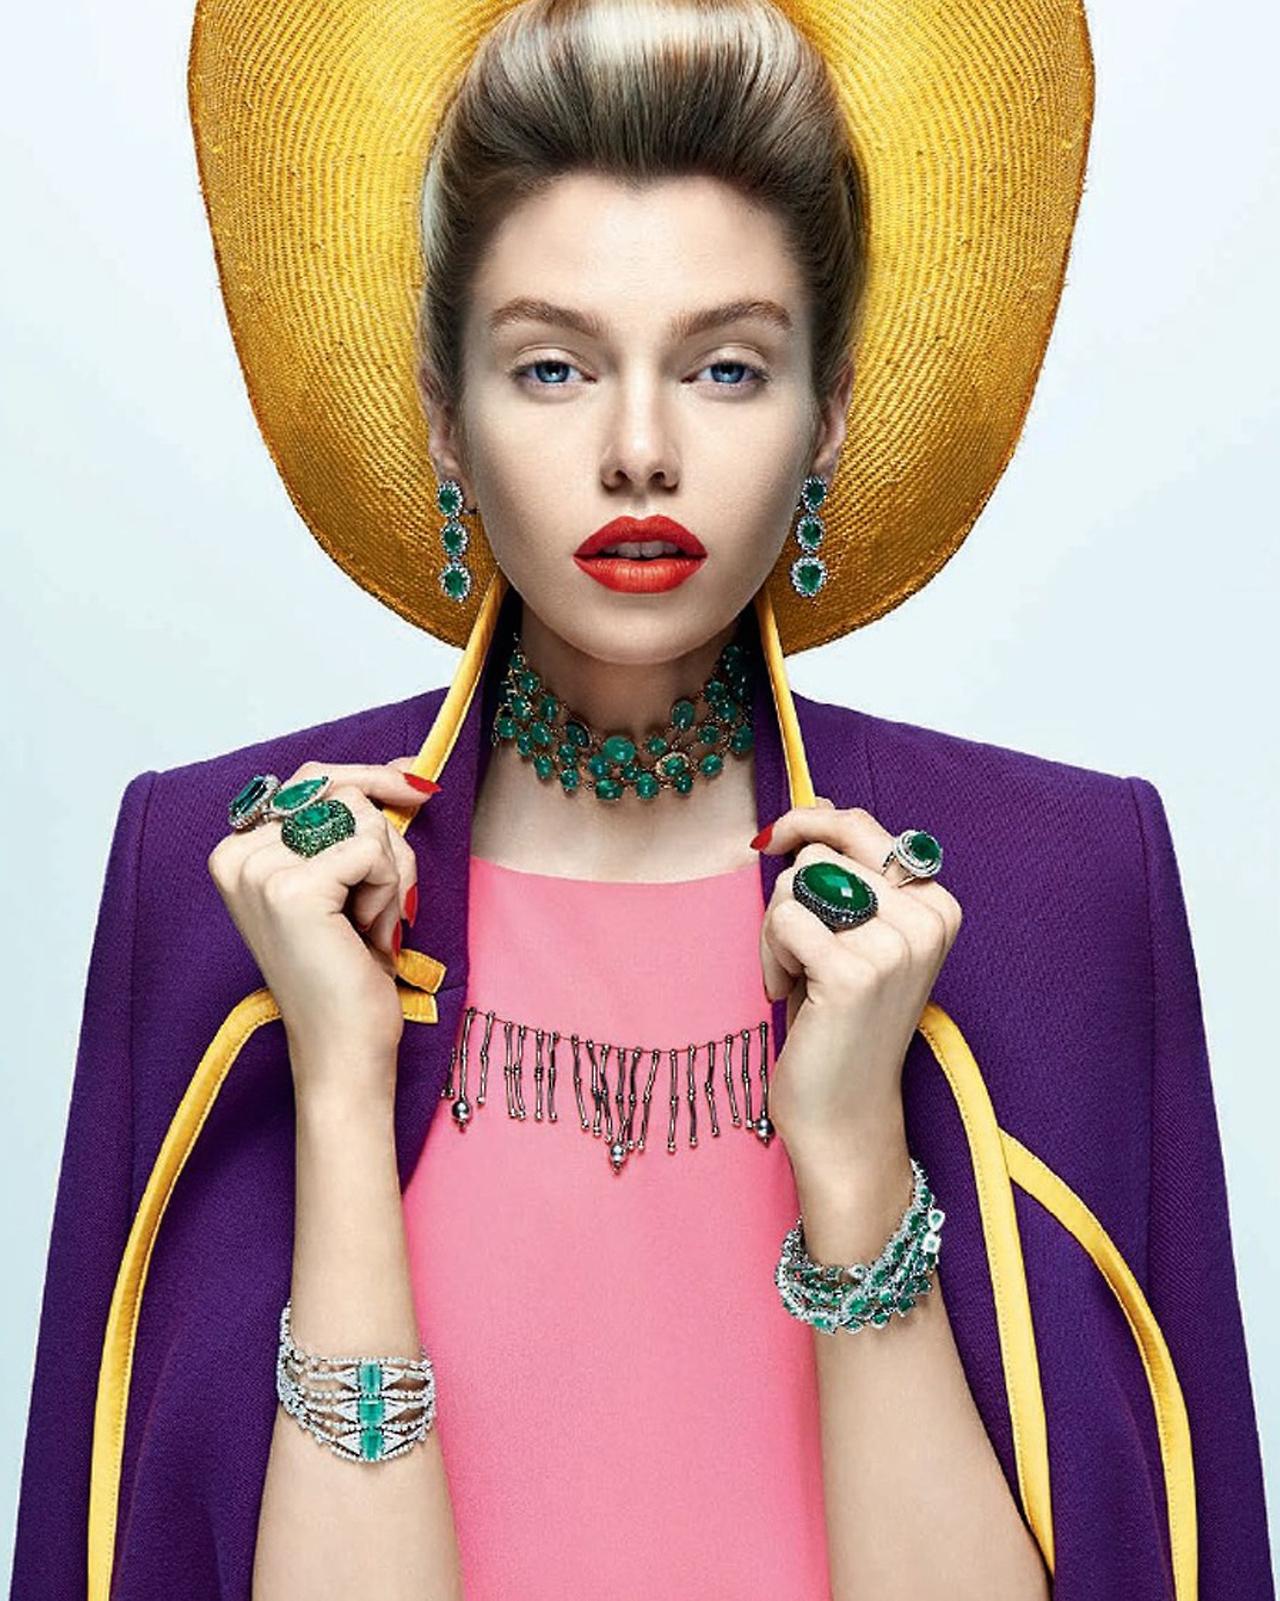 Stella Maxwell x Vogue Brasil August 2014 - ShockBlast